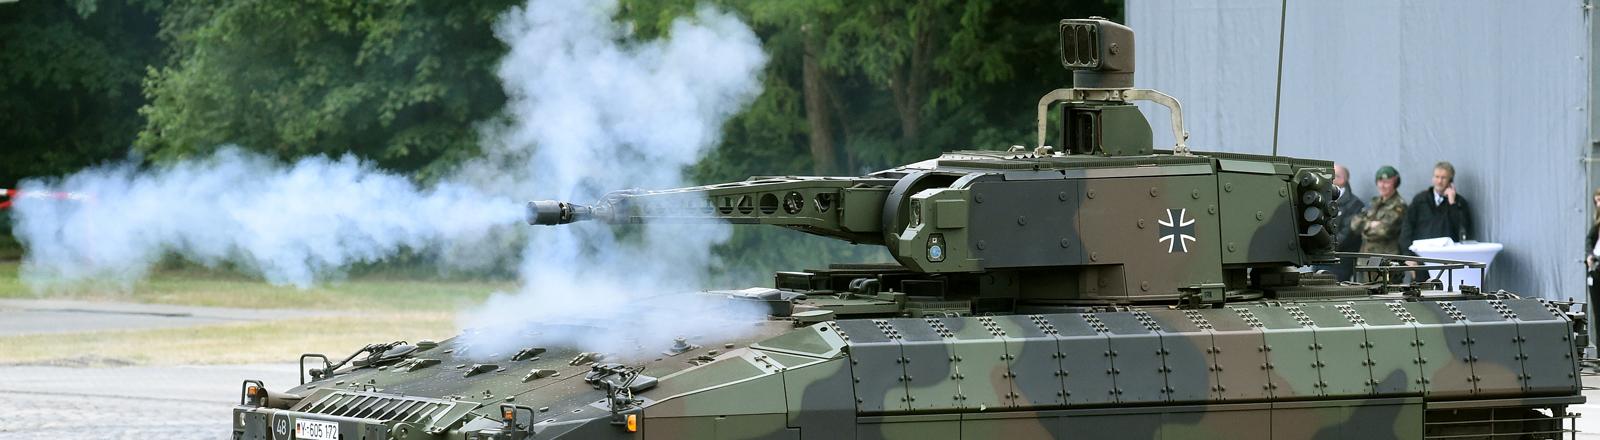 Der neue Schützenpanzer Puma wird am 24.06.2015 auf dem Erprobungsgelände des Unternehmens Rheinmetall in Unterlüß in der Lüneburger Heide (Niedersachsen) während einer Schießübung offiziell vorgestellt.